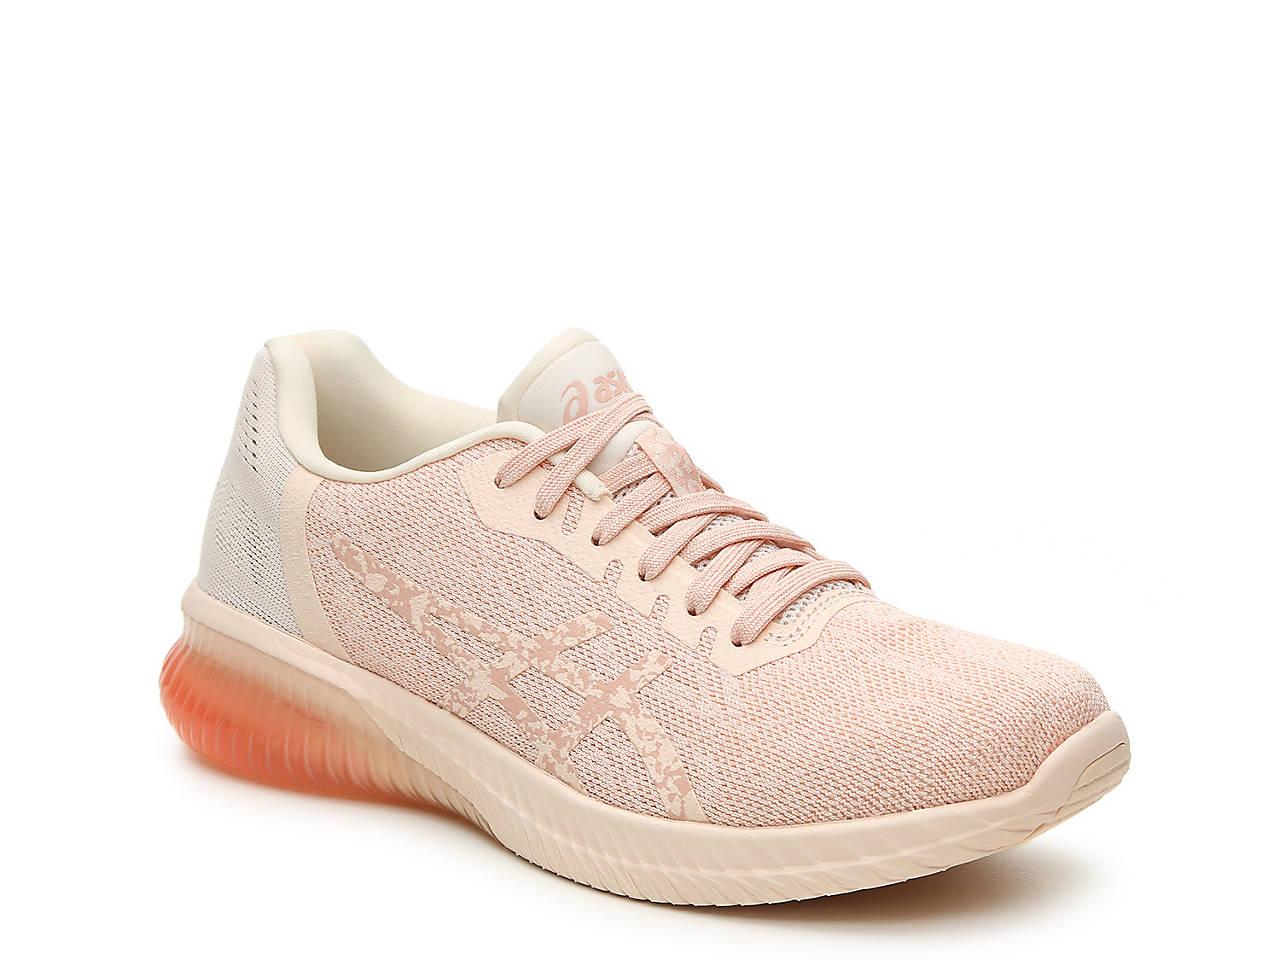 c92a2056da ASICS GEL-Kenun Performance Running Shoe - Women s Women s Shoes